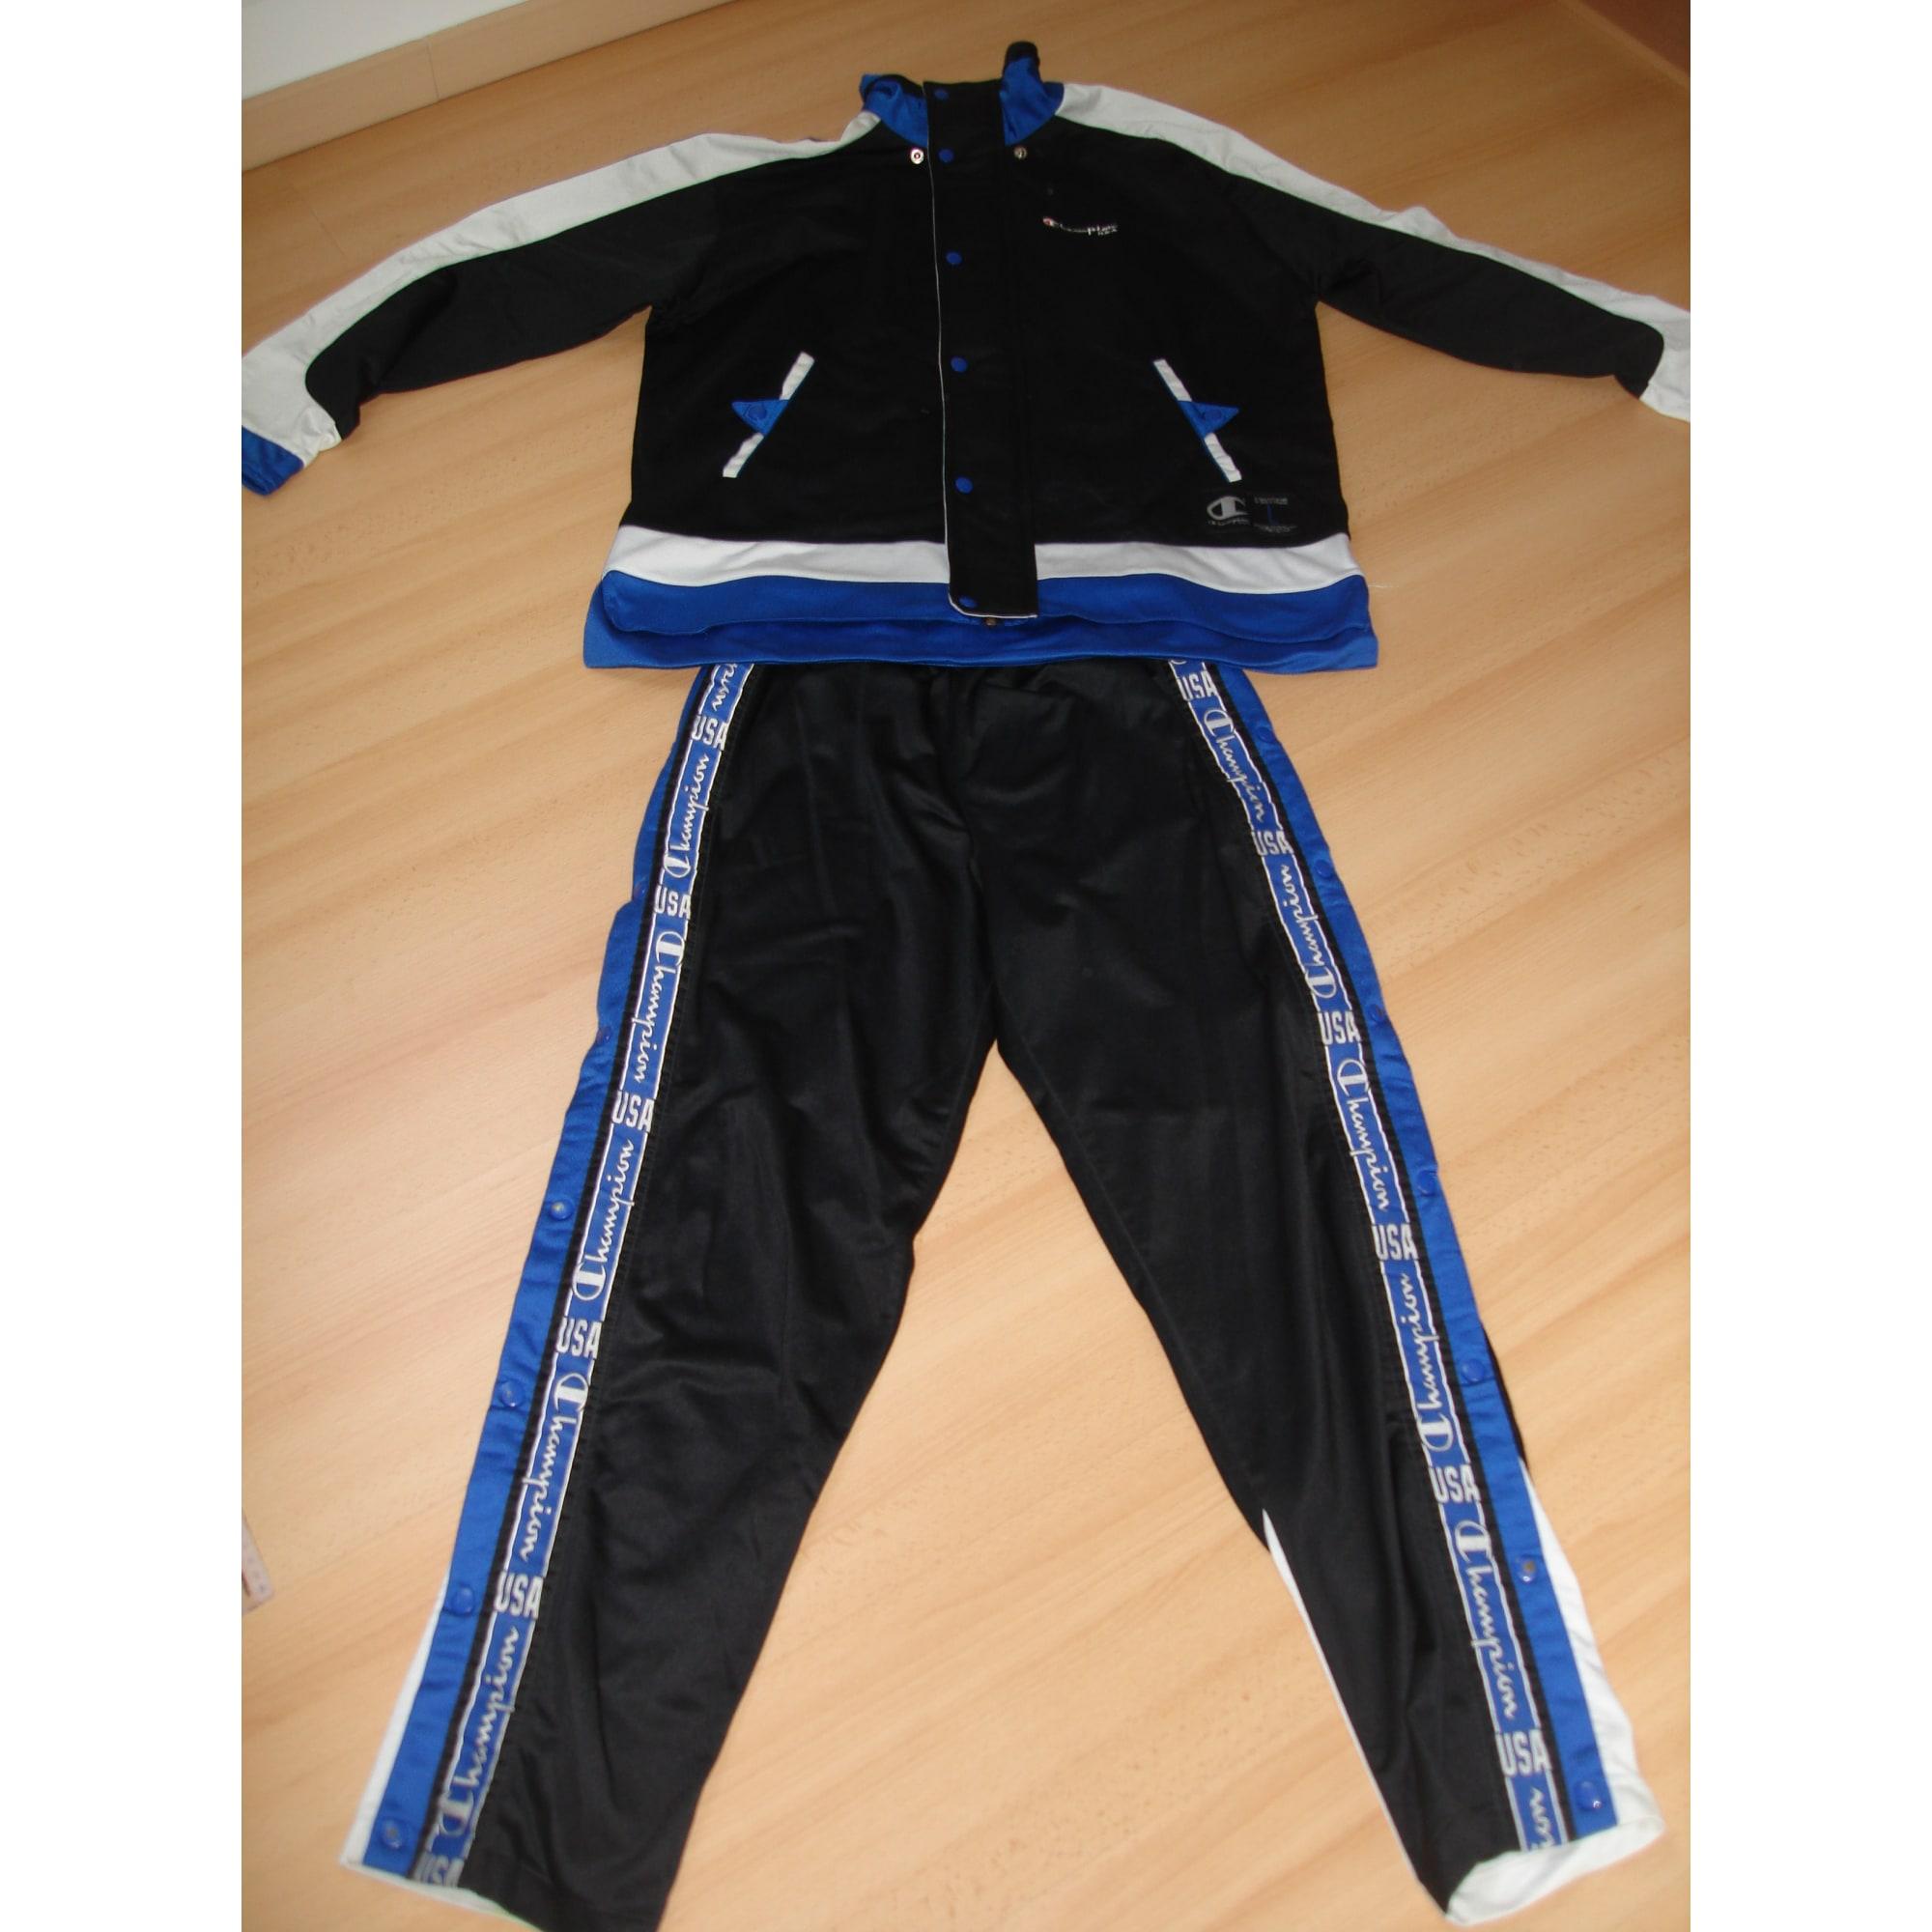 29369a499c68d Ensemble jogging CHAMPION Autre multicouleur vendu par ...